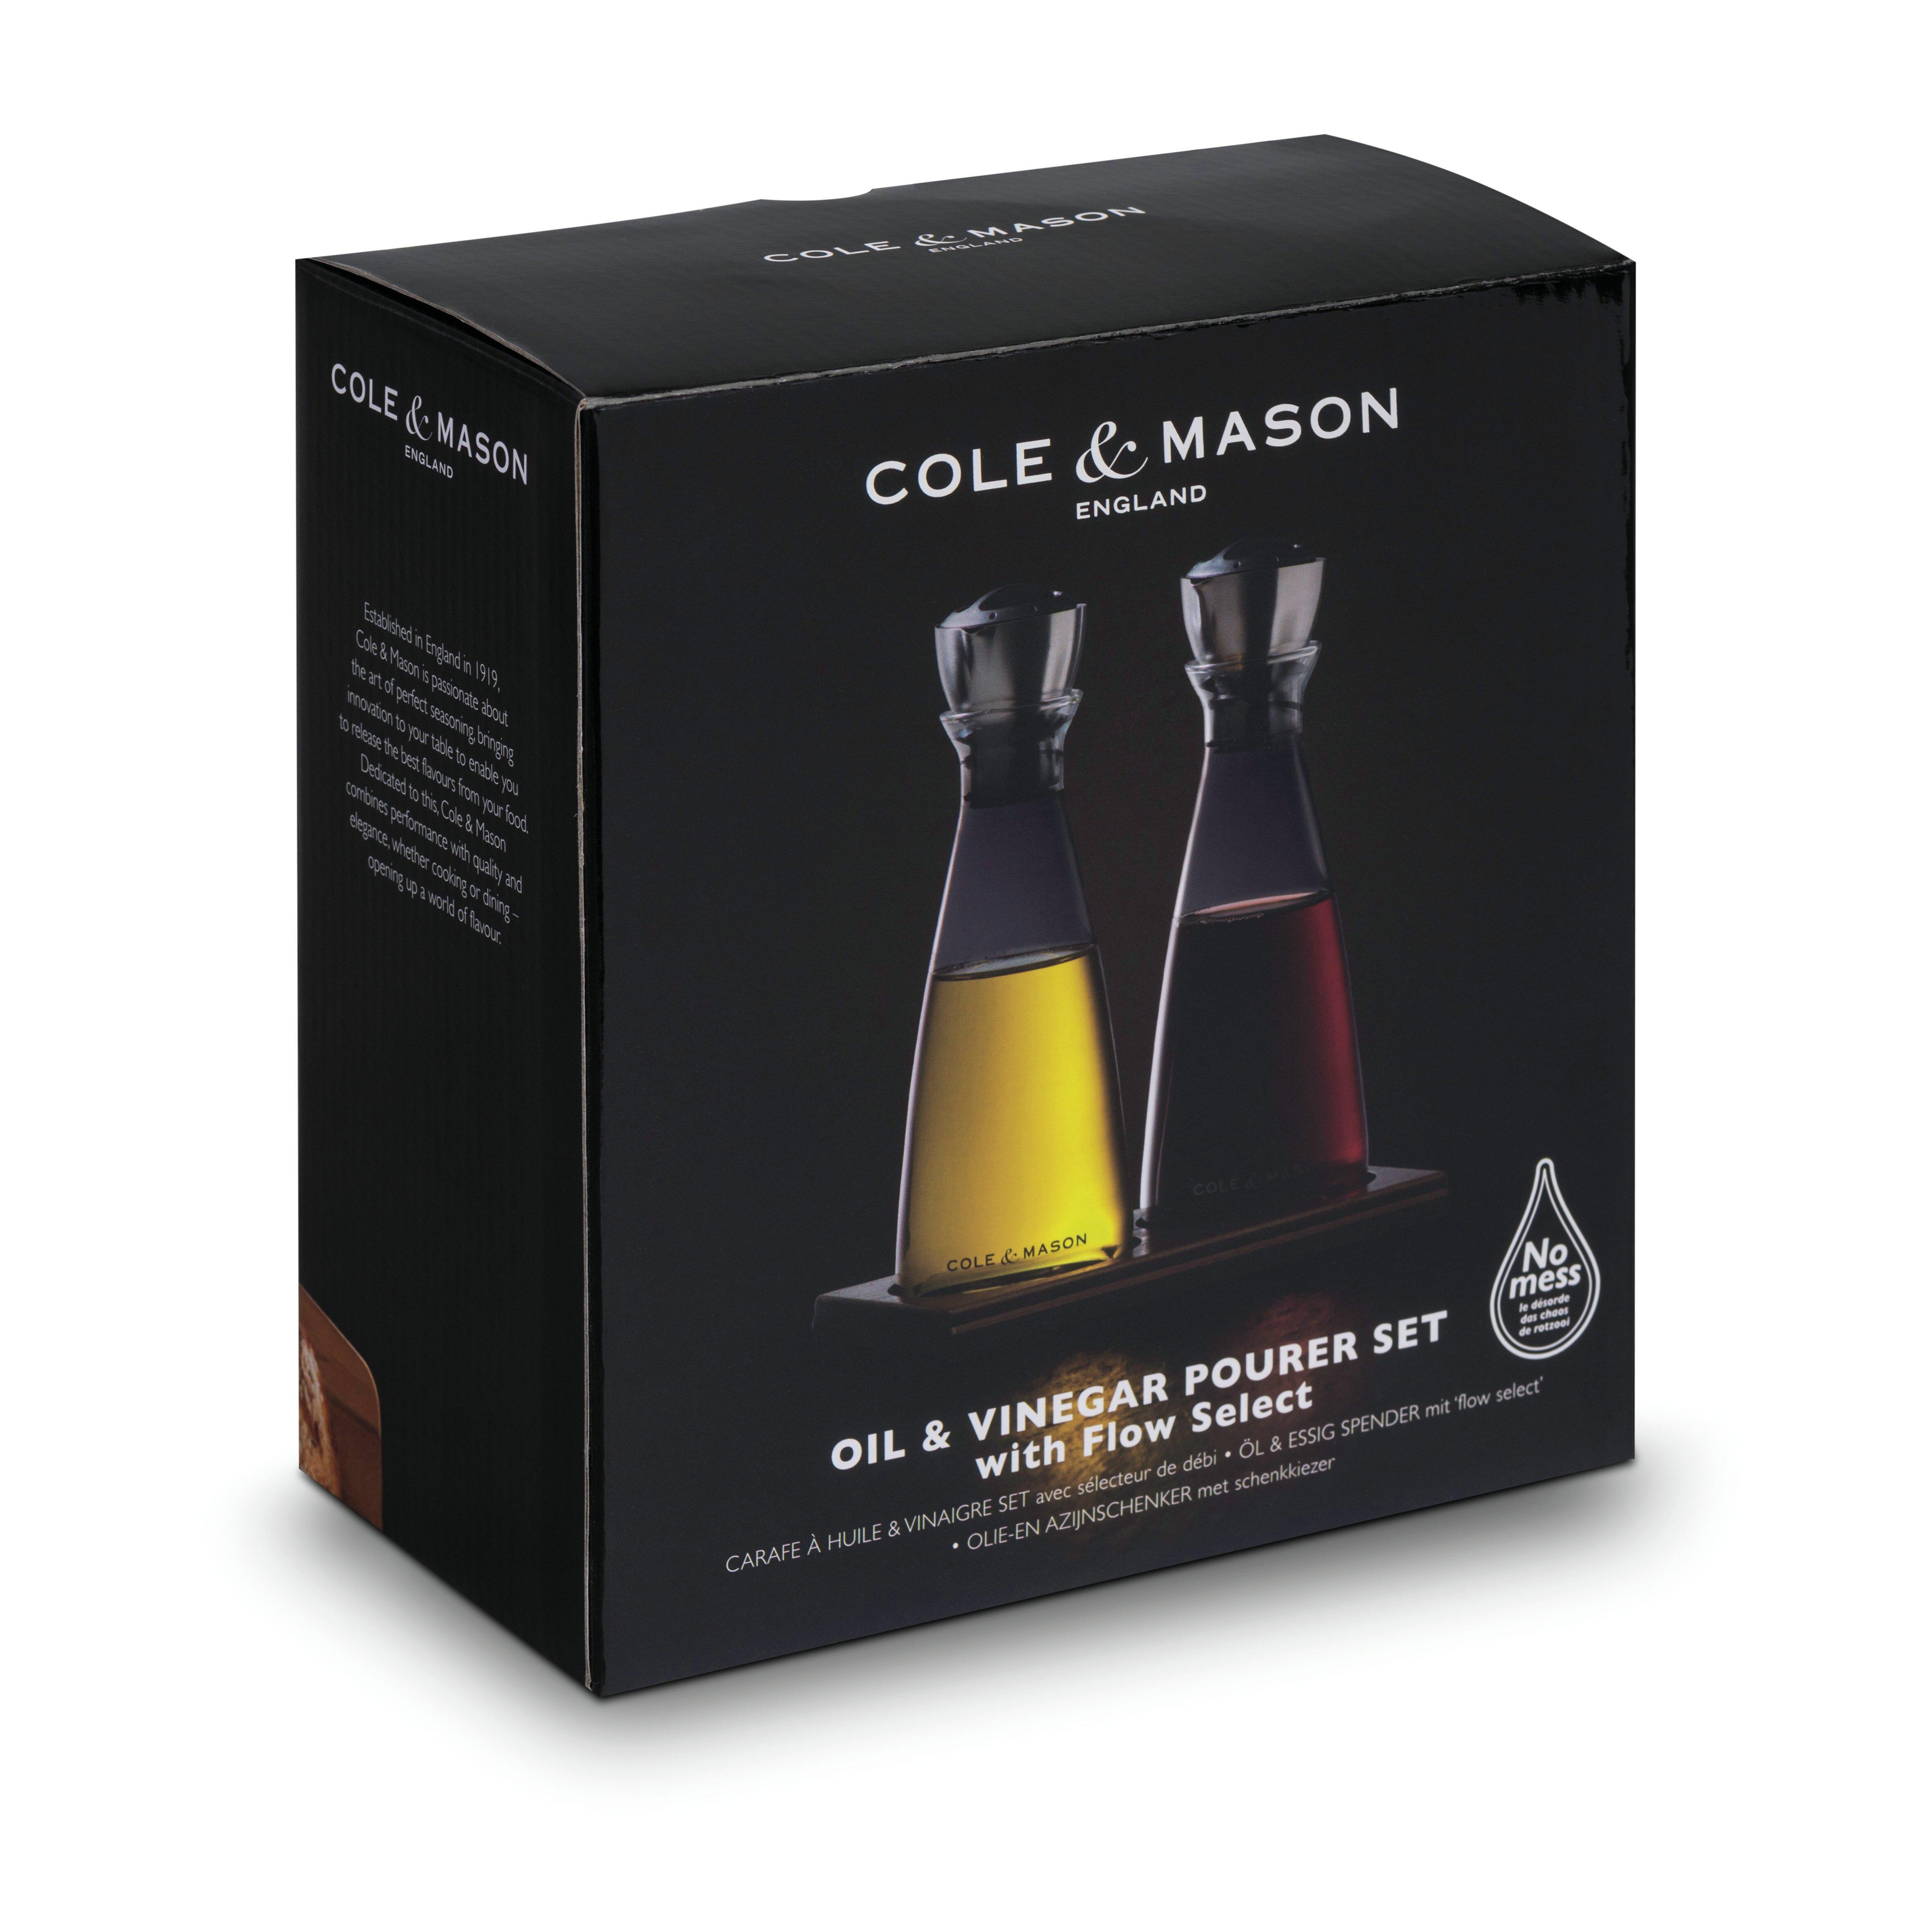 cole mason 2 tlg essig und lspender set flow select. Black Bedroom Furniture Sets. Home Design Ideas